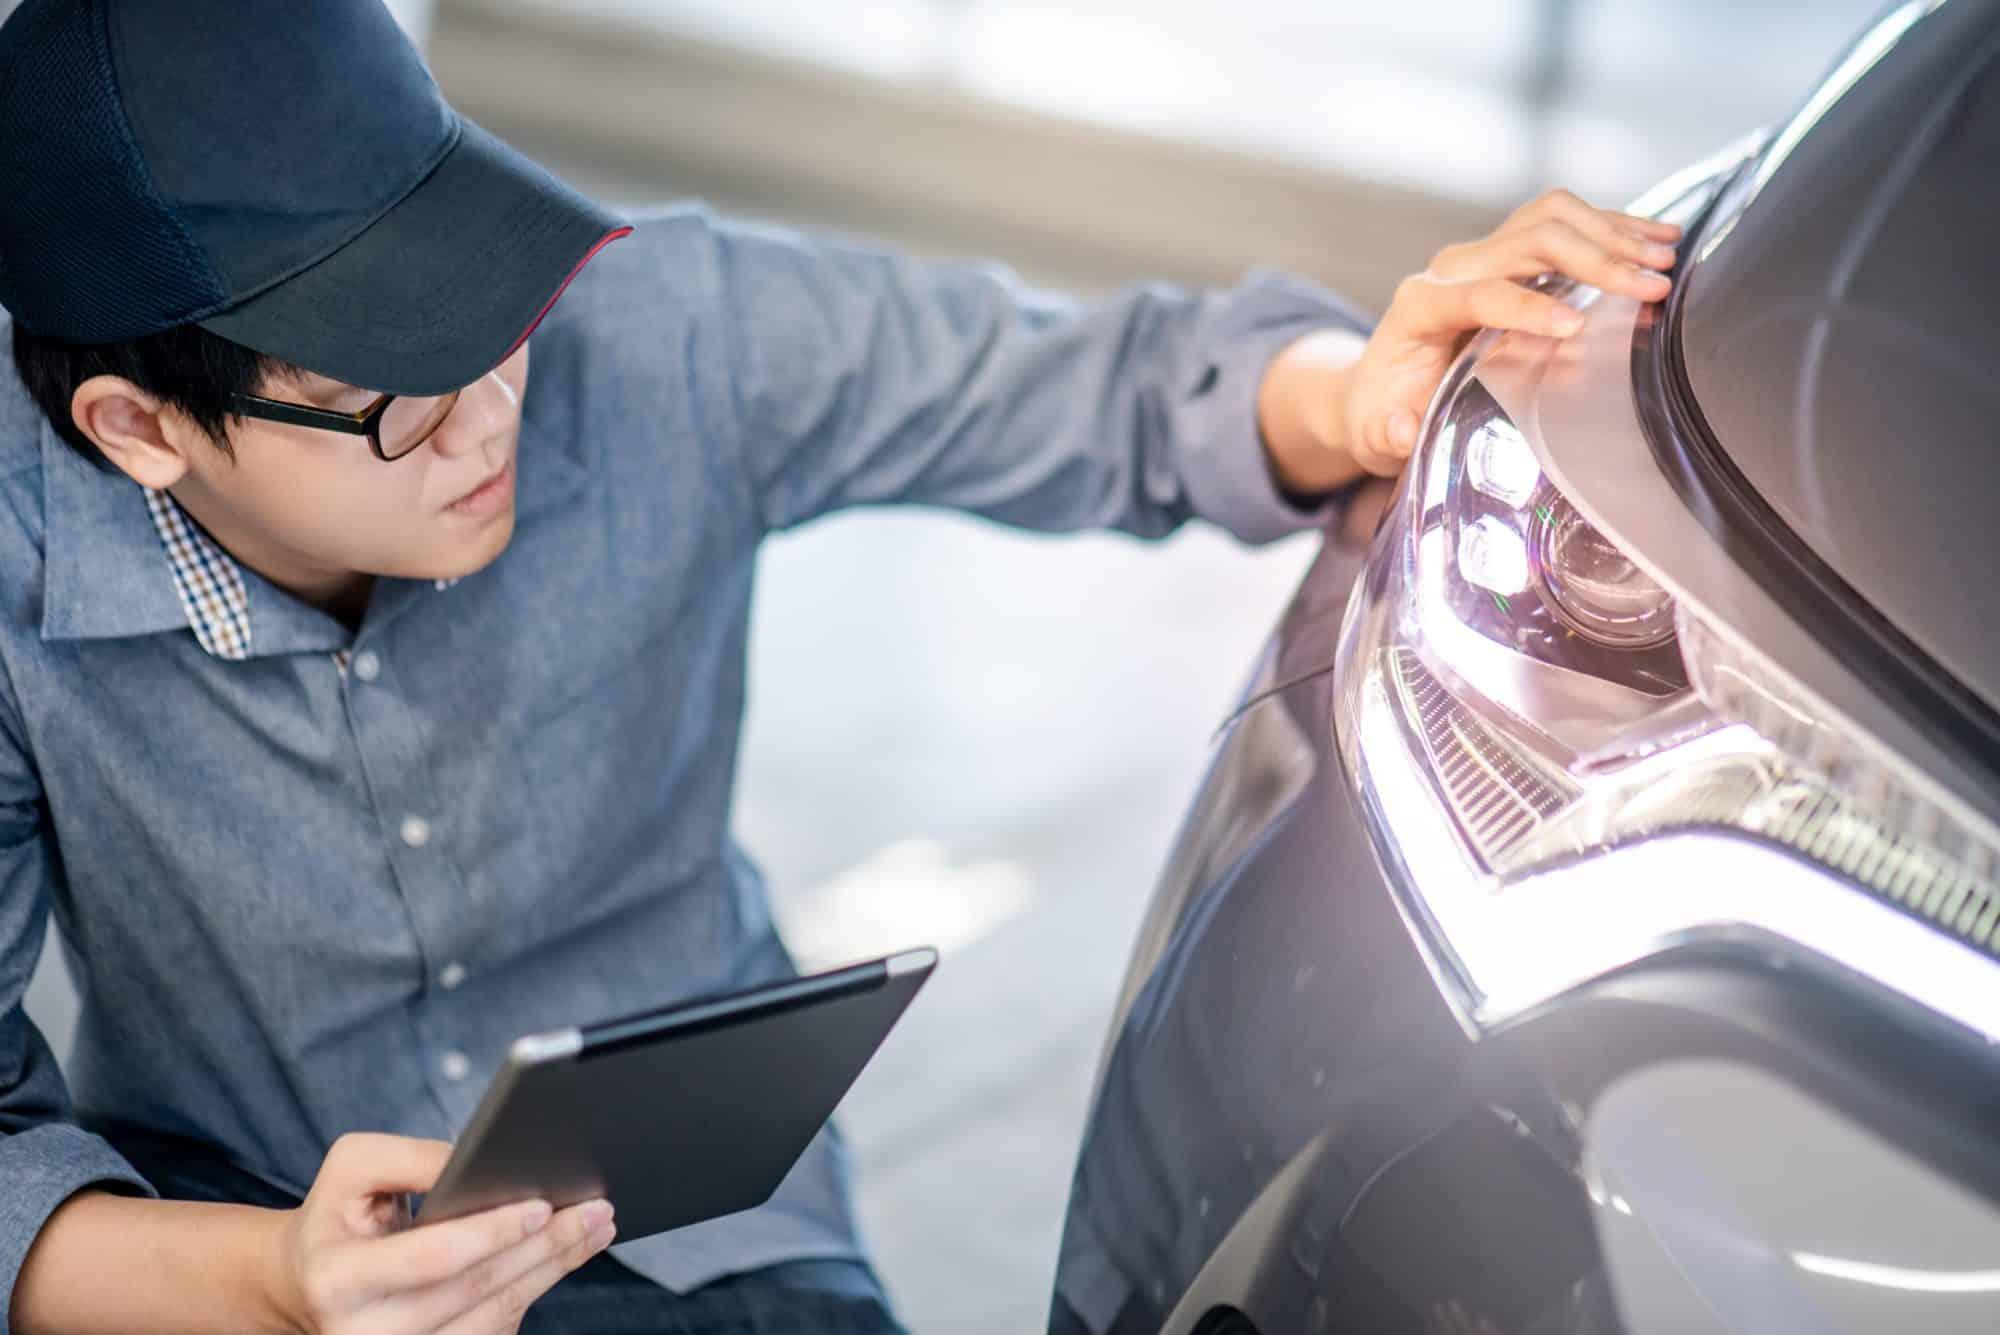 young-man-checking-car-headlights